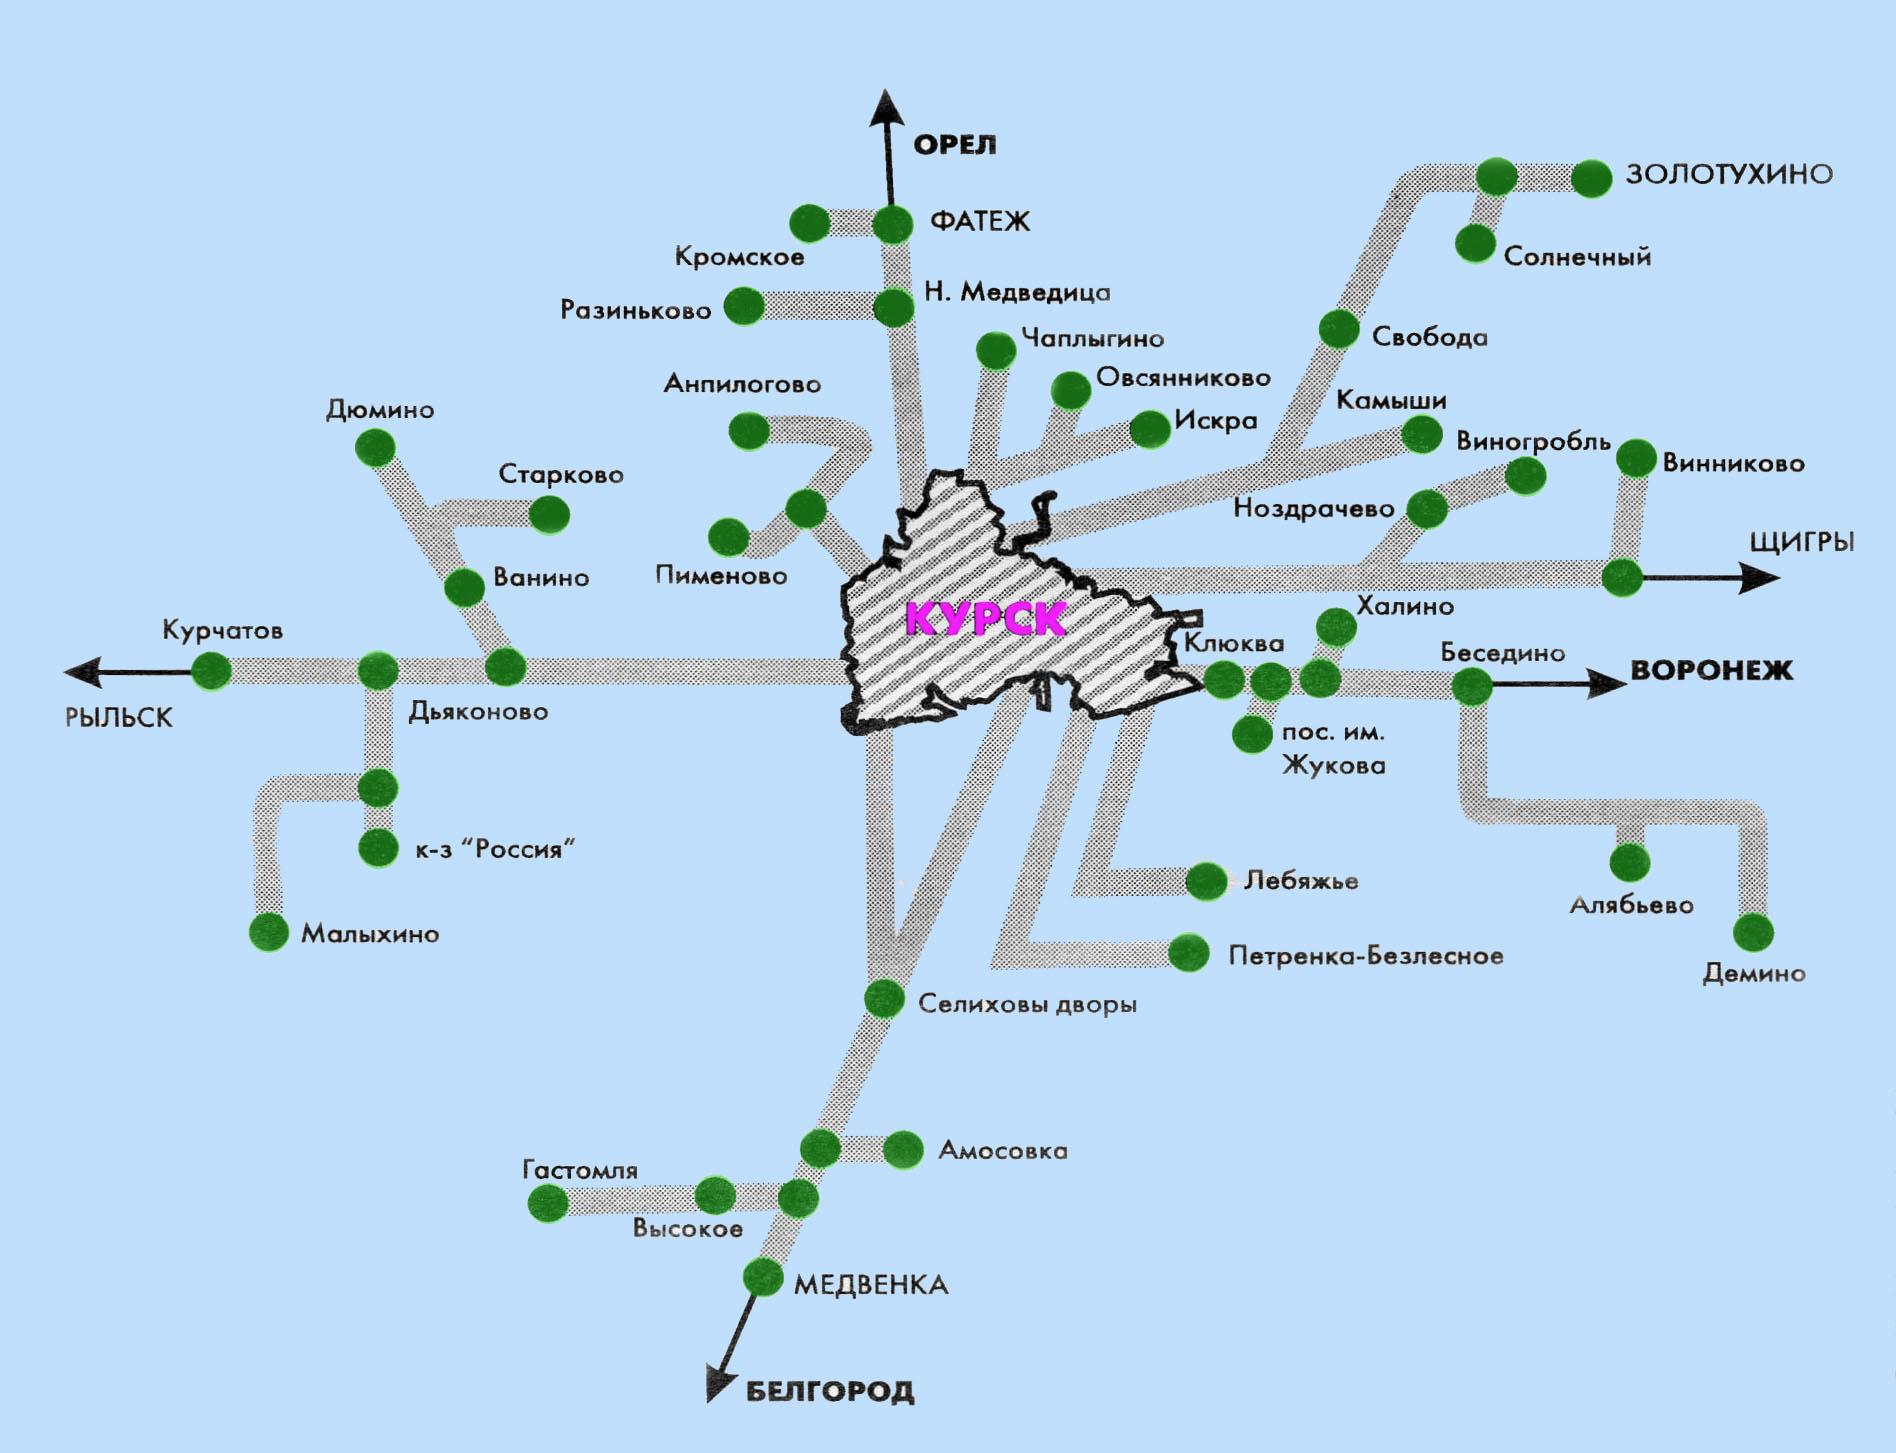 Схема пригородных автобусных маршрутов.